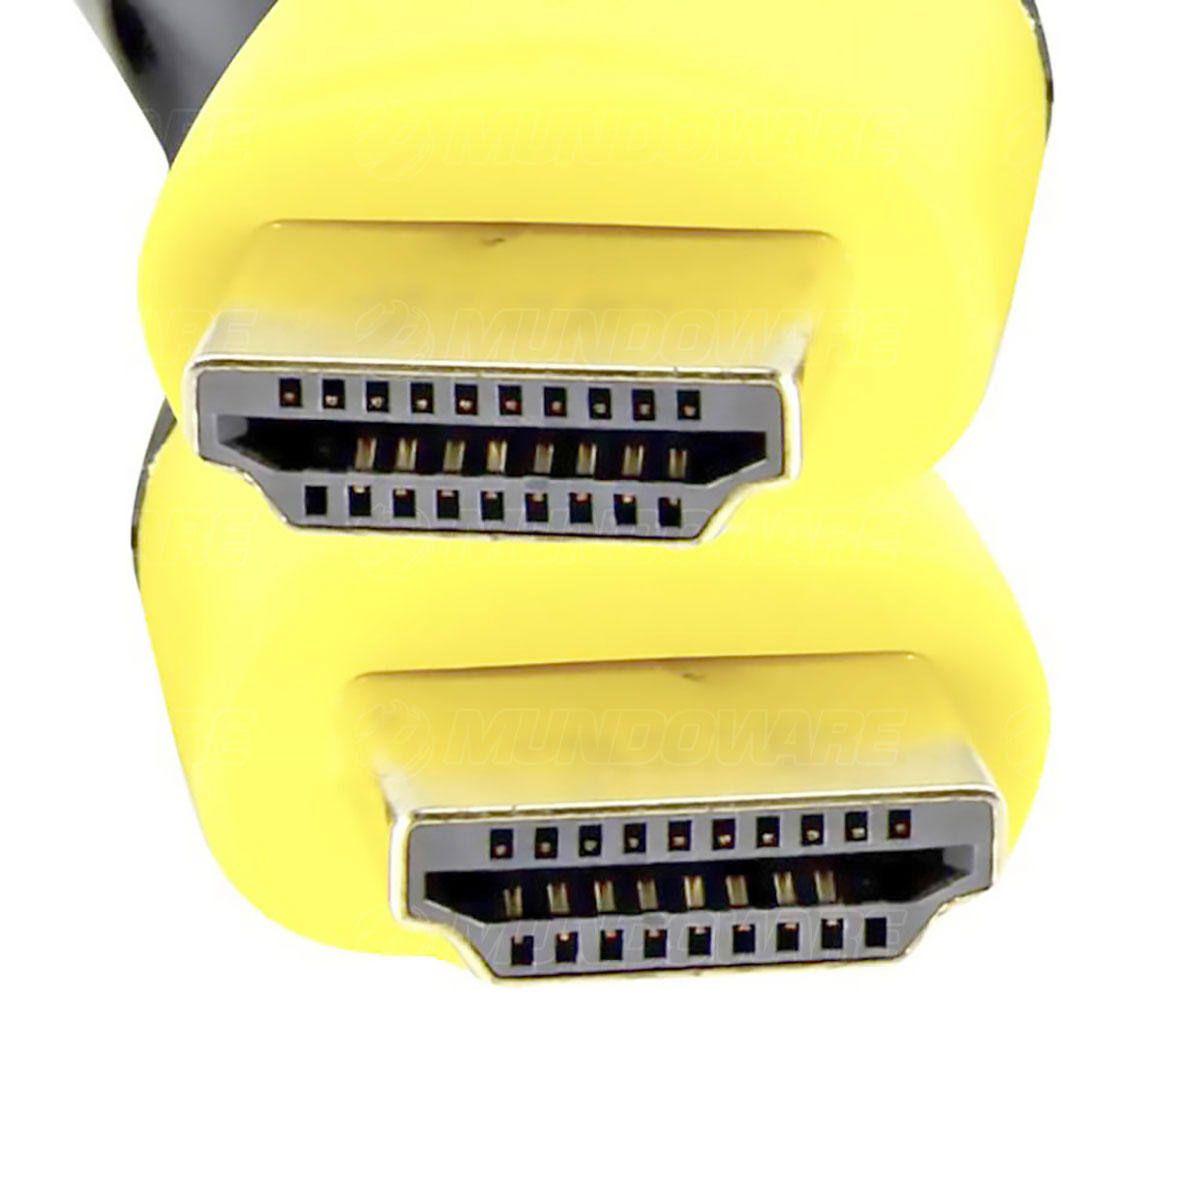 Cabo HDMI 4K UHD versão 2.0 19 Pinos Blindado com Filtro Suporta 3D 5 Metros Exbom CBX-HX50SM